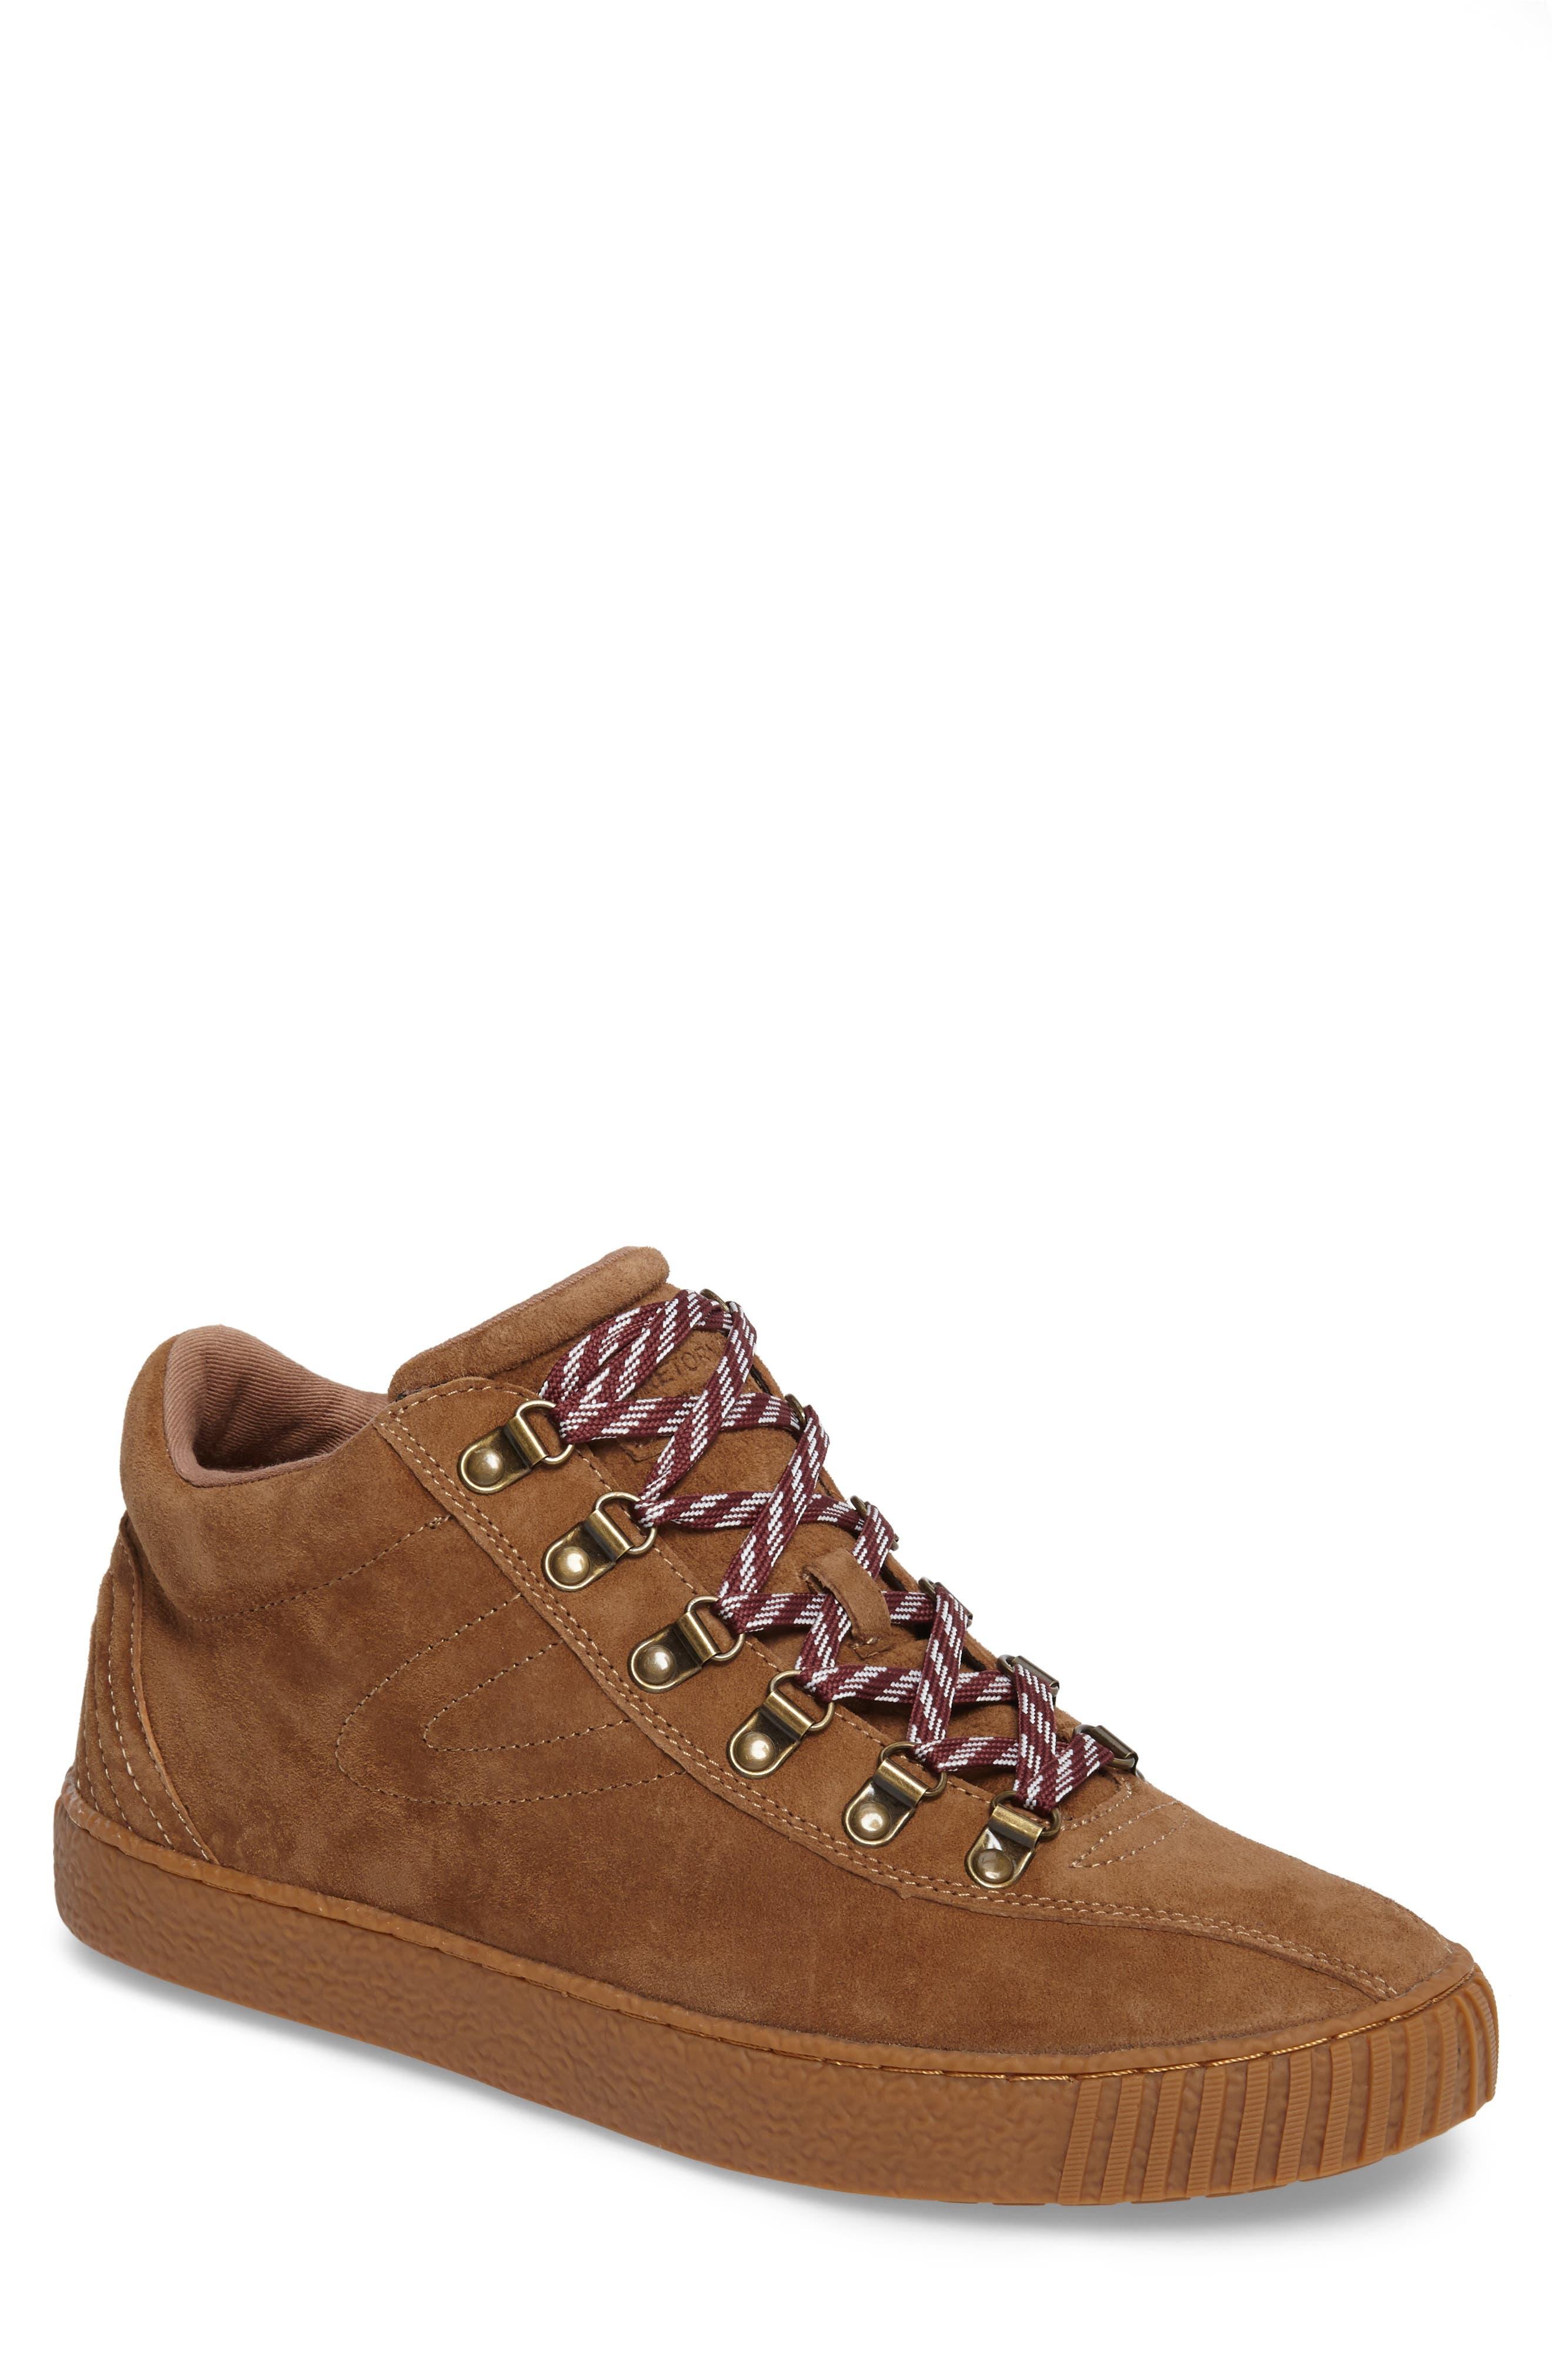 Dante 3 Sneaker,                         Main,                         color, CIGAR NUBUCK